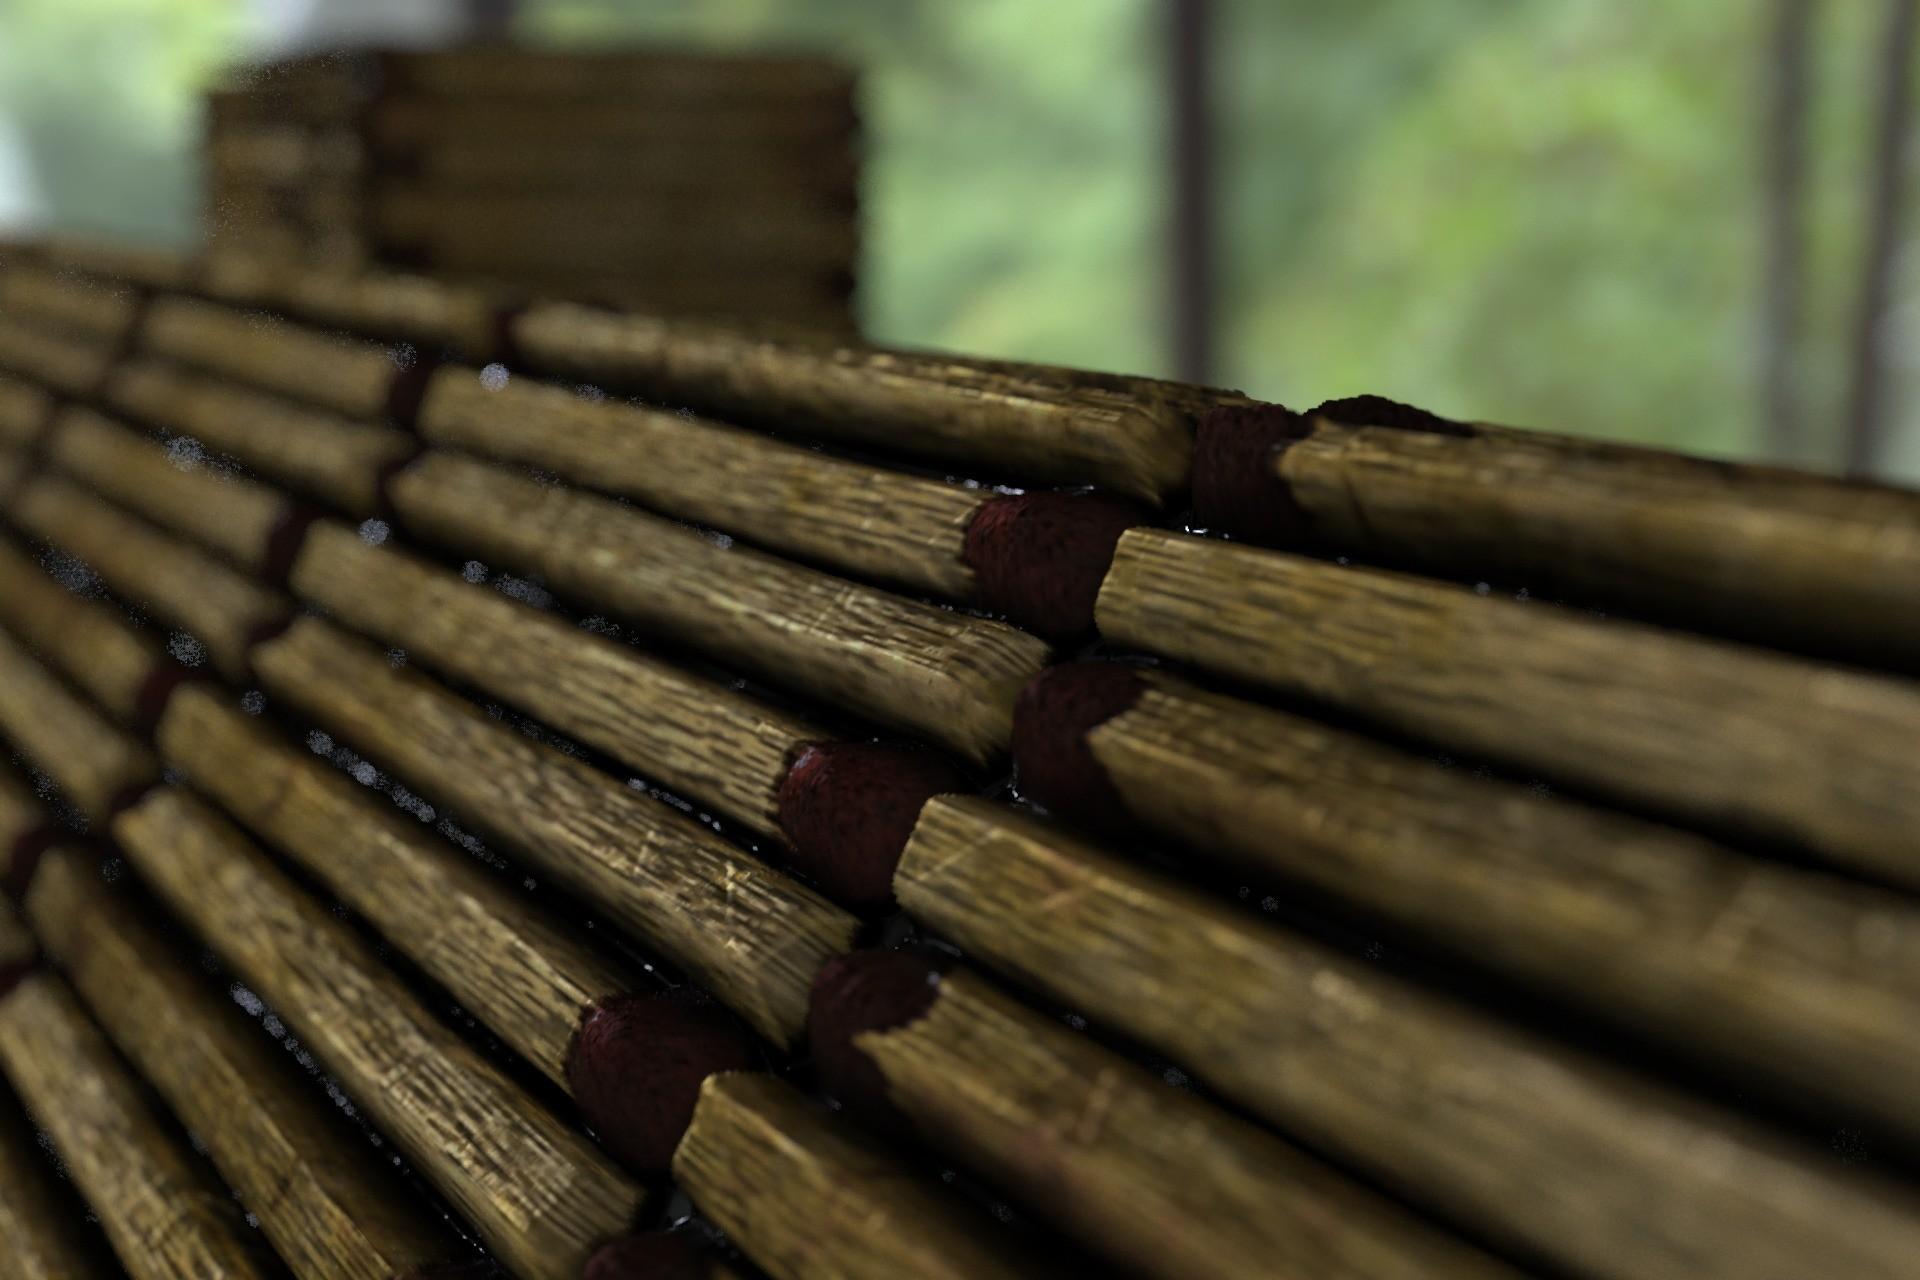 Cem tezcan matchstick house r1 00001